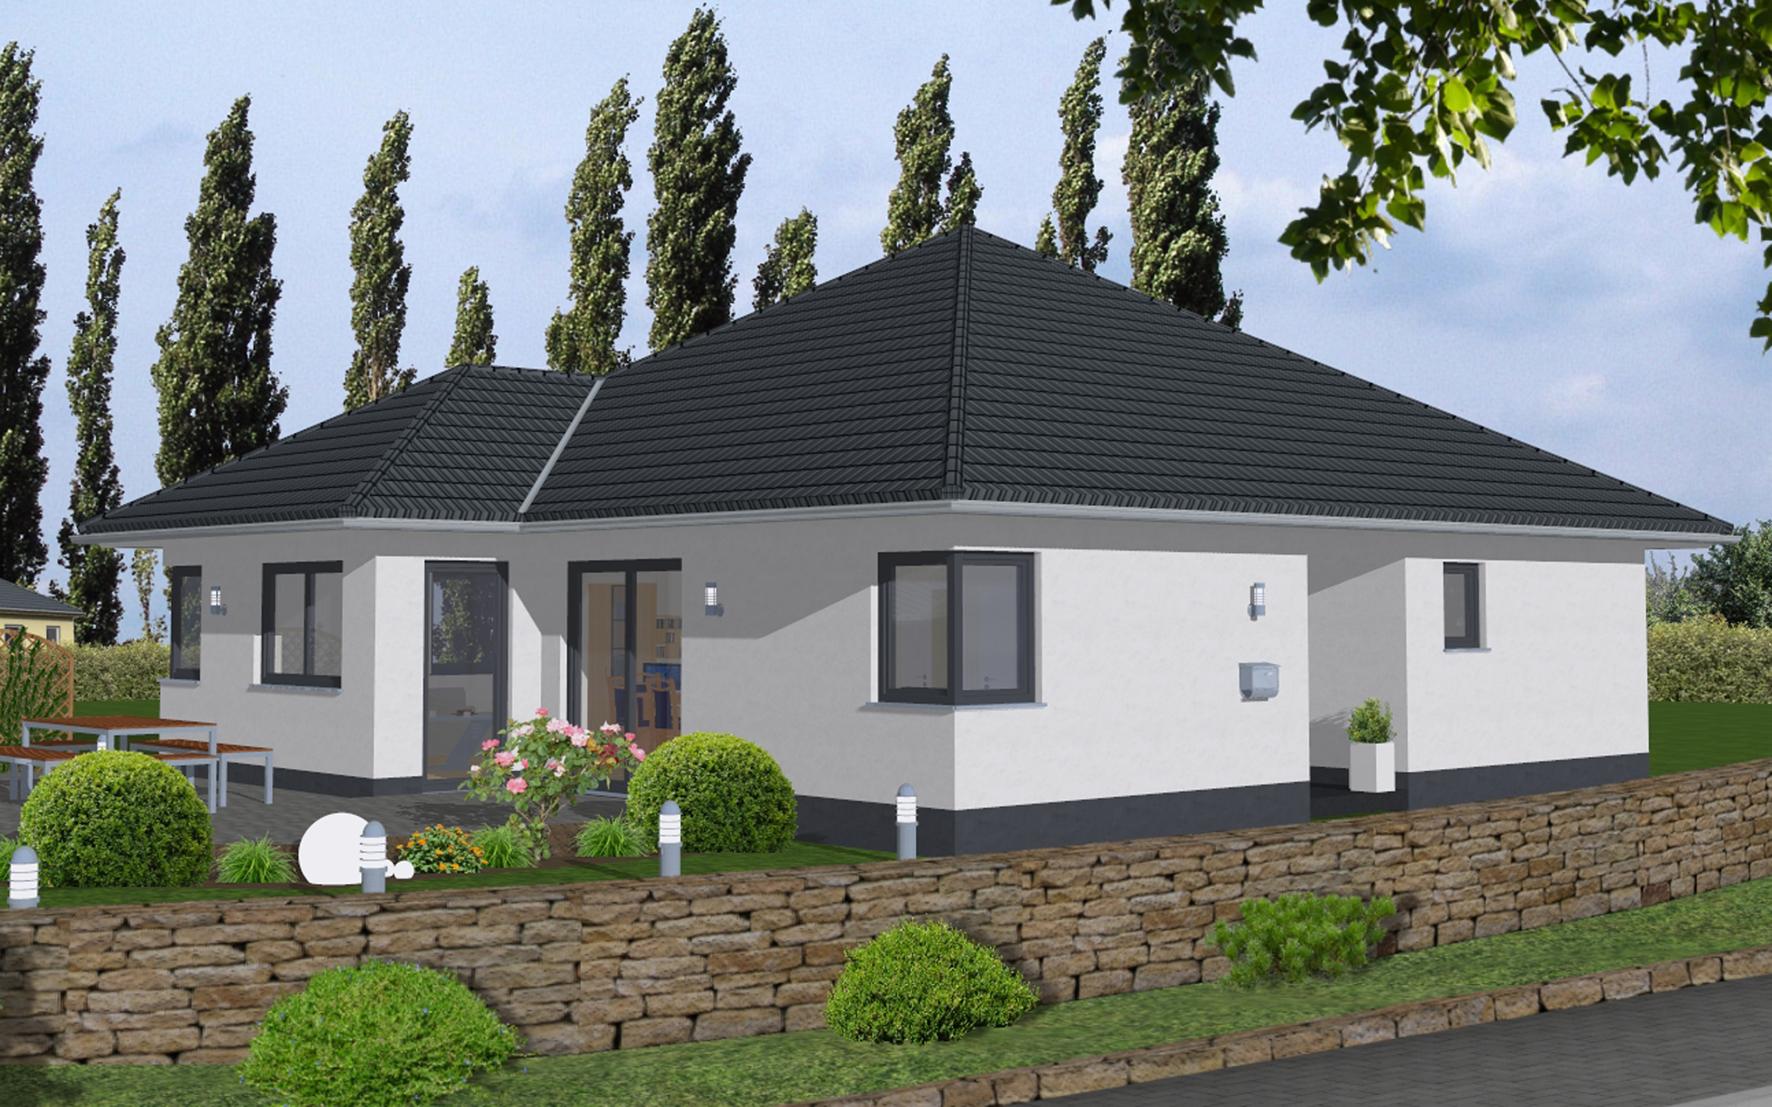 Bungalow 1 260 wapelhorst planen und bauen m hnesee for Bungalow planen